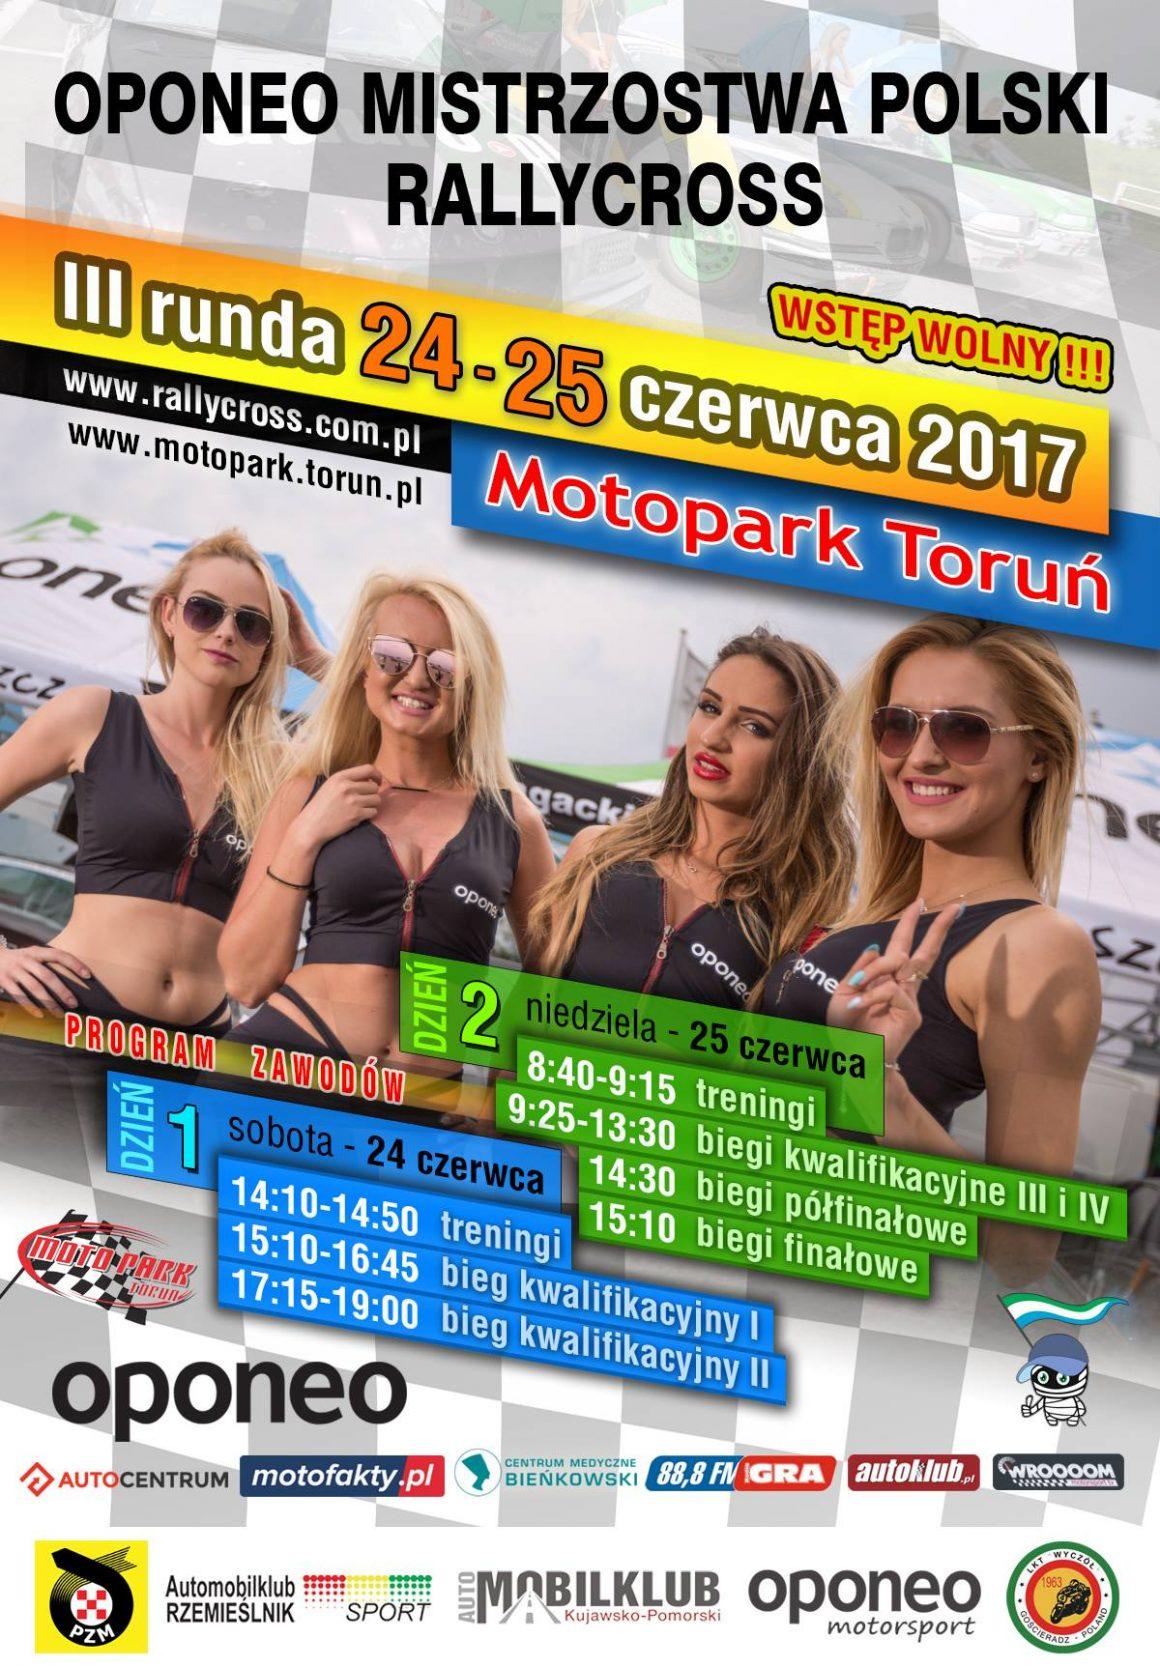 III Runda Oponeo Mistrzostw Polski Rallycross 24-25.06.2017